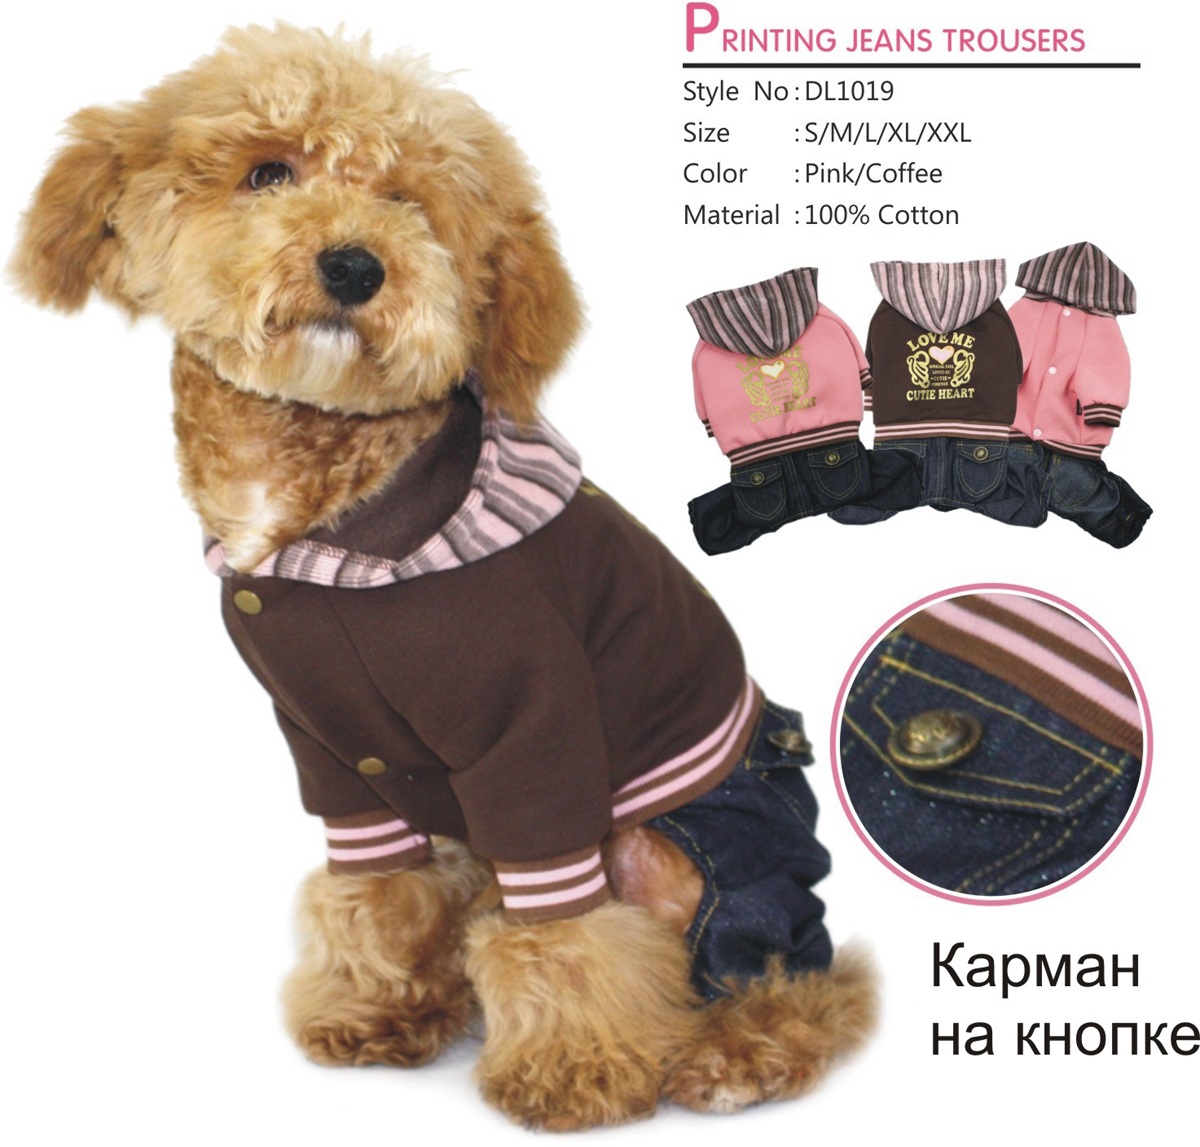 Комбинезон для собак Dobaz, утепленный, цвет: розовый, джинсовый. ДЛ1019АХХЛ. Размер XXL жилет утепленный olmi м 327 серебро 40 158 40 158 80 размер